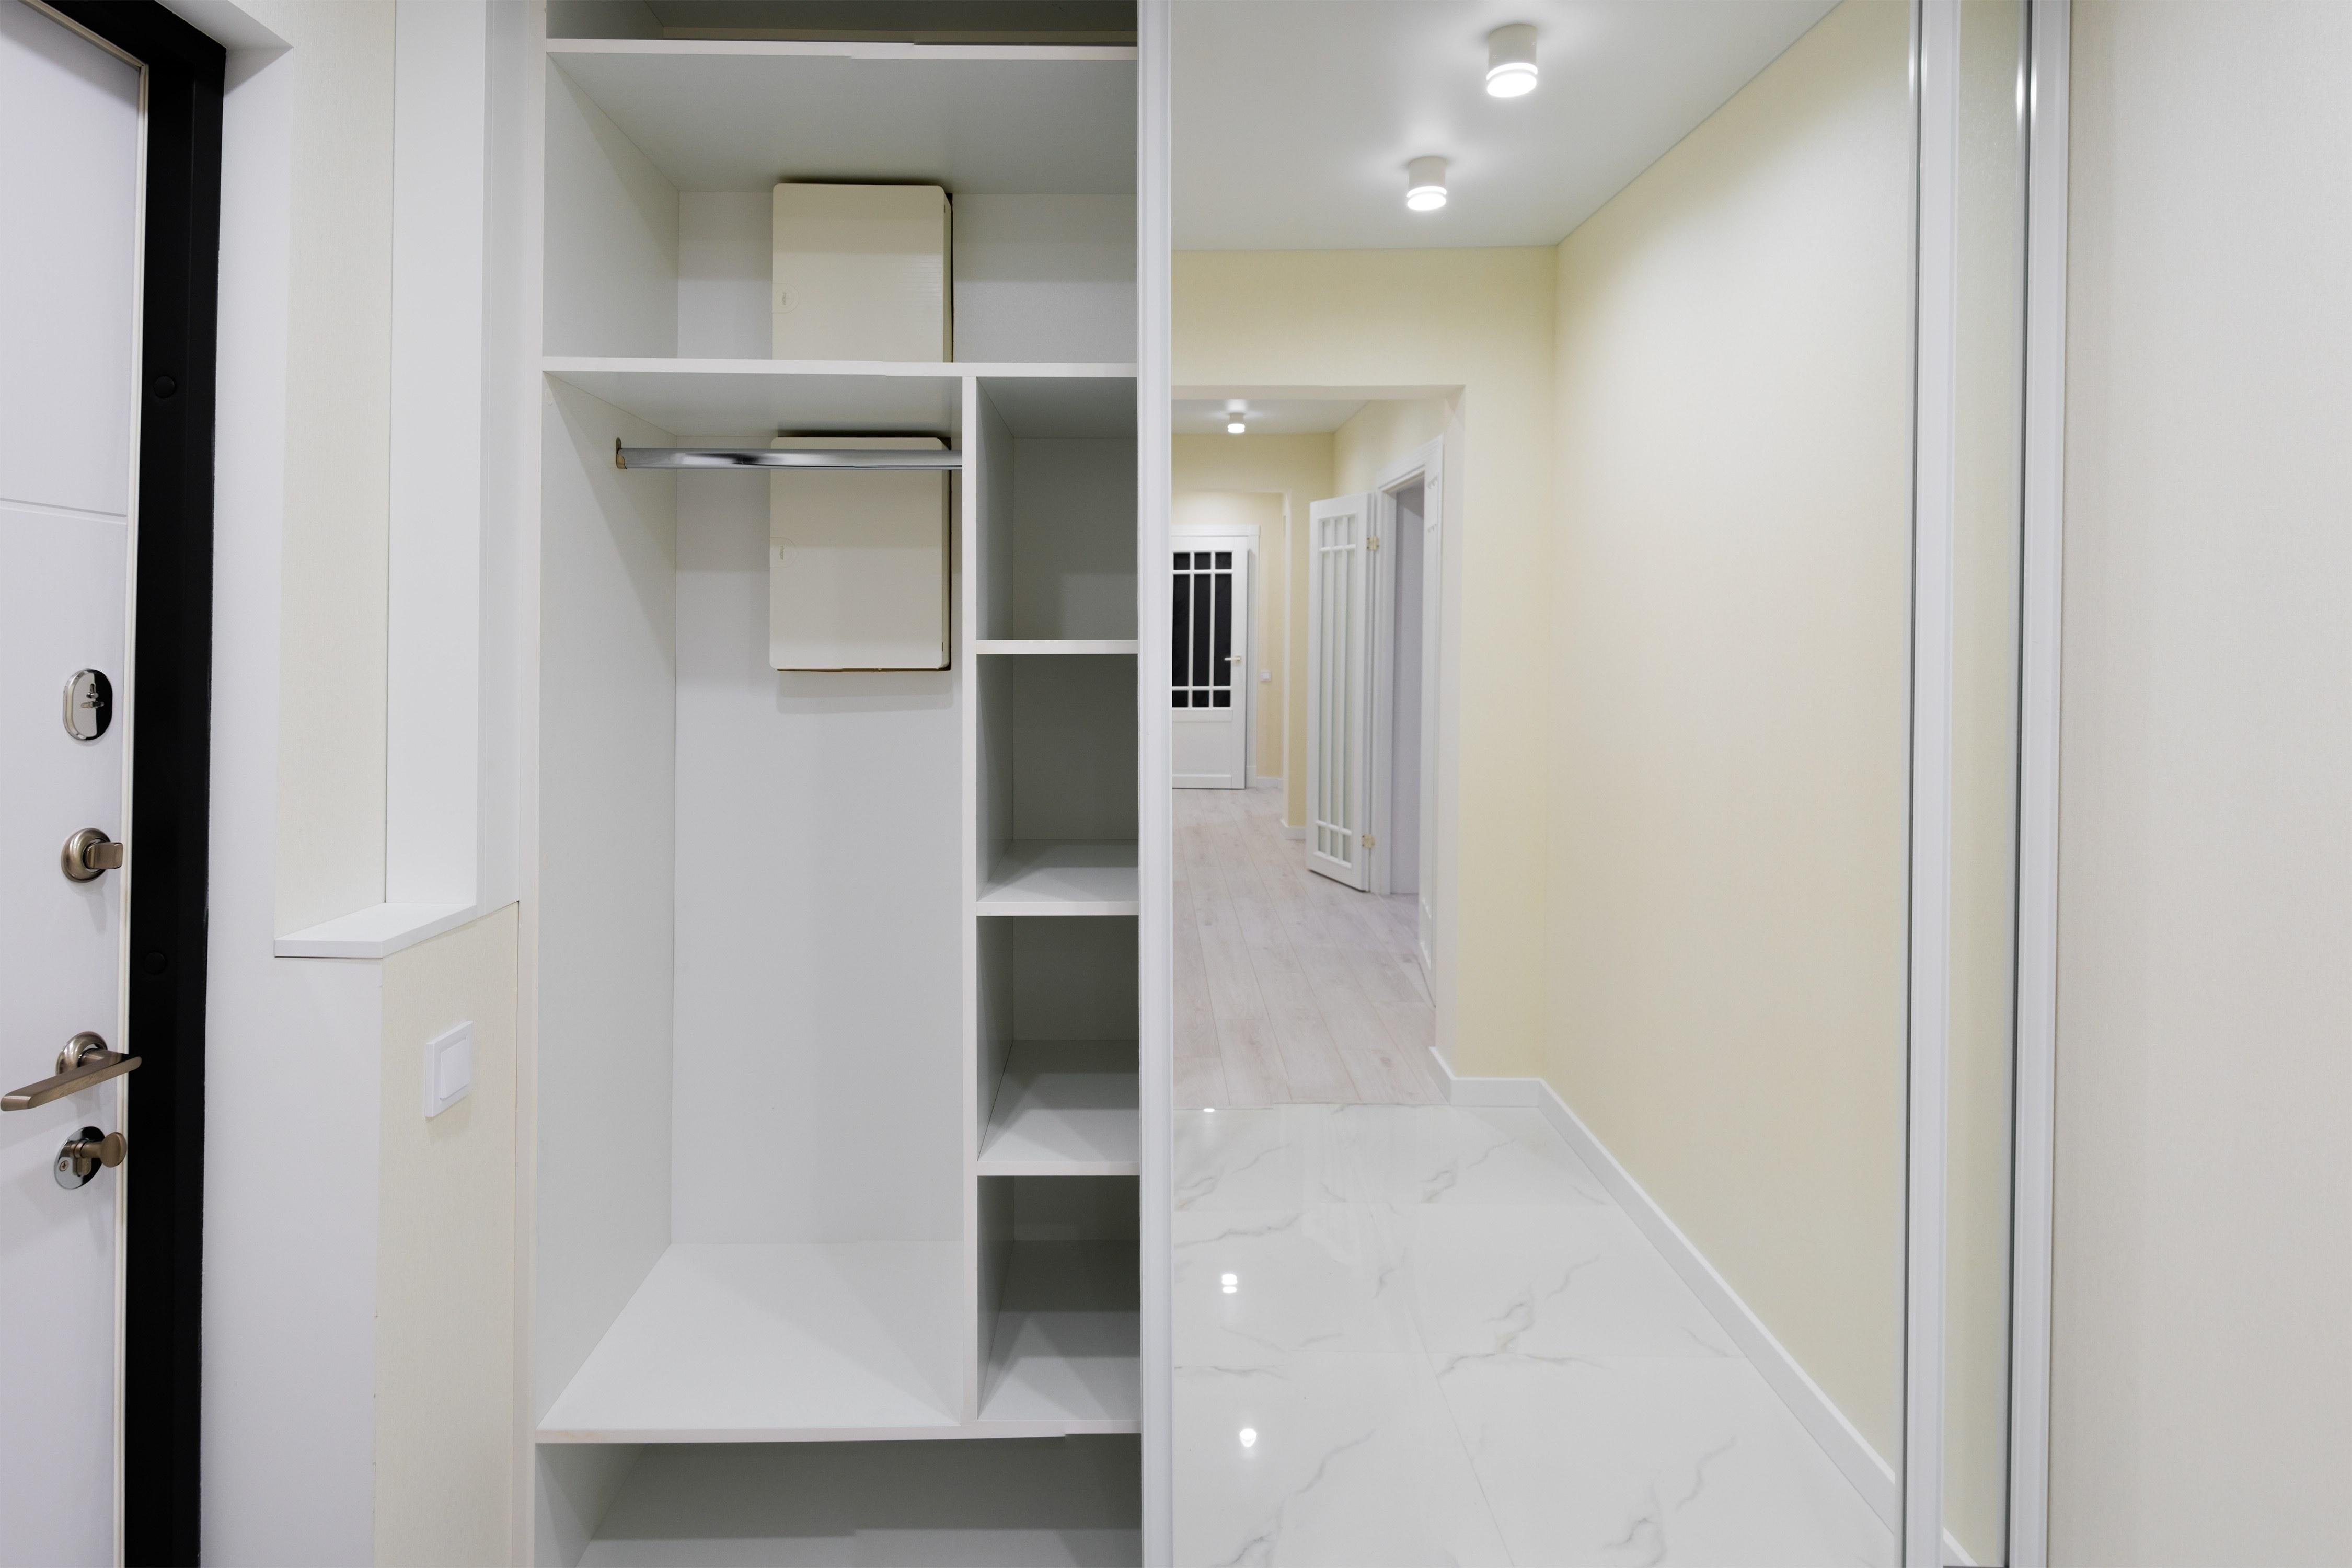 Шкаф в коридоре после комплексного ремонта квартиры